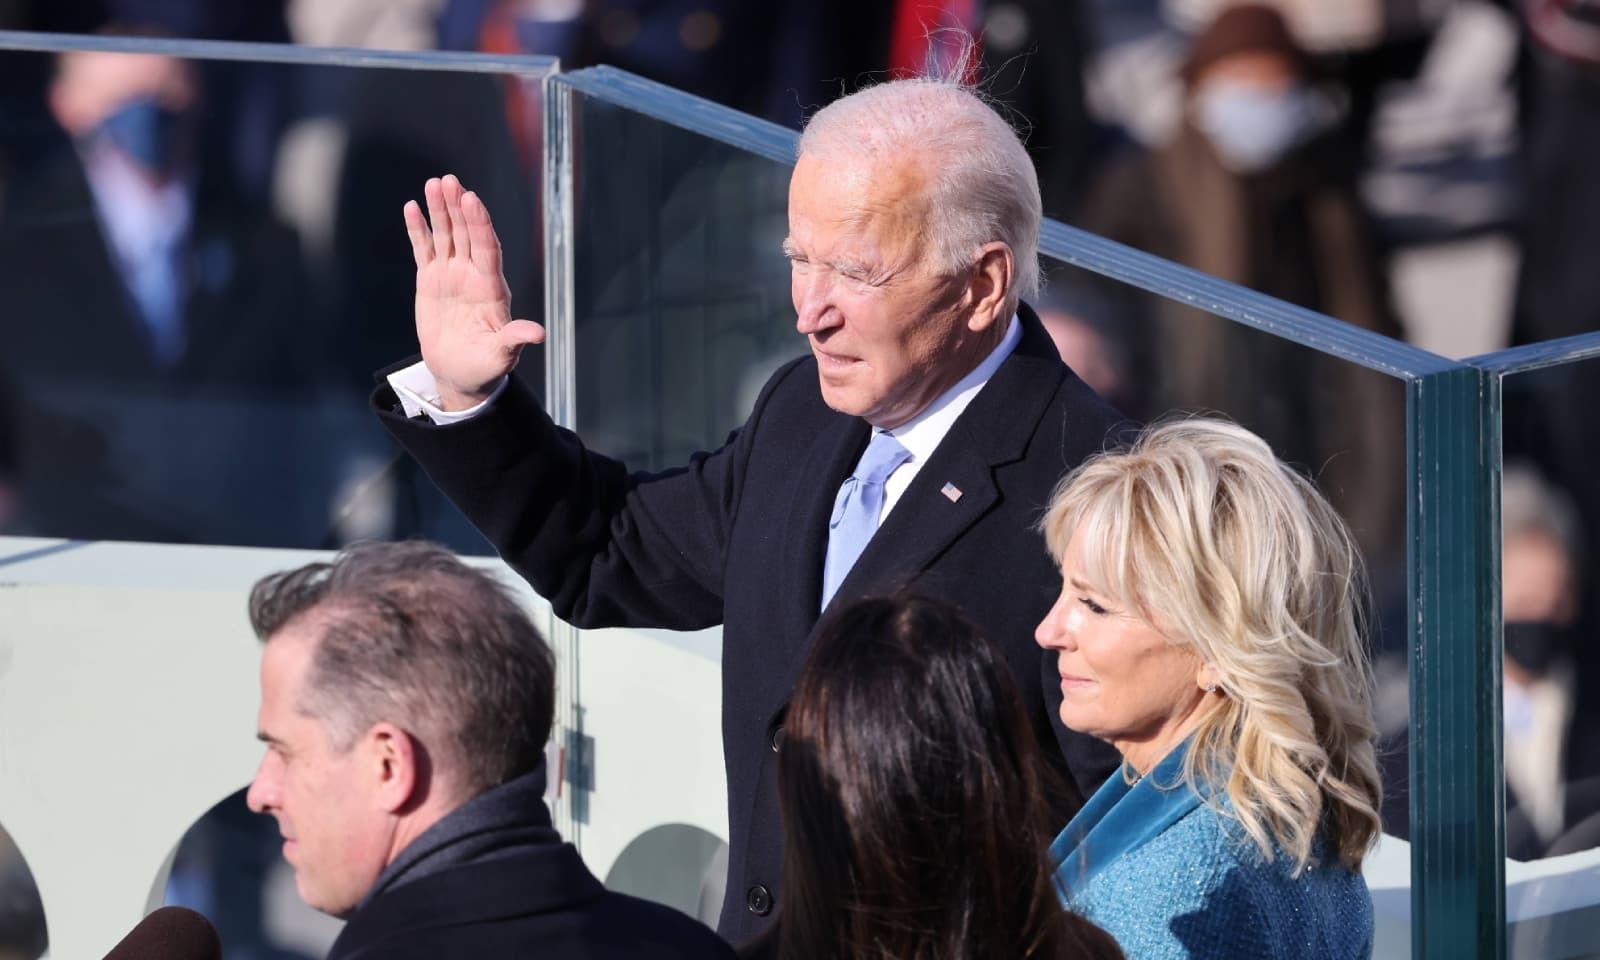 نو منتخب امریکی صدر جو بائیڈن کے سامنے ابتدائی مشکلات کیا ہوں گی؟